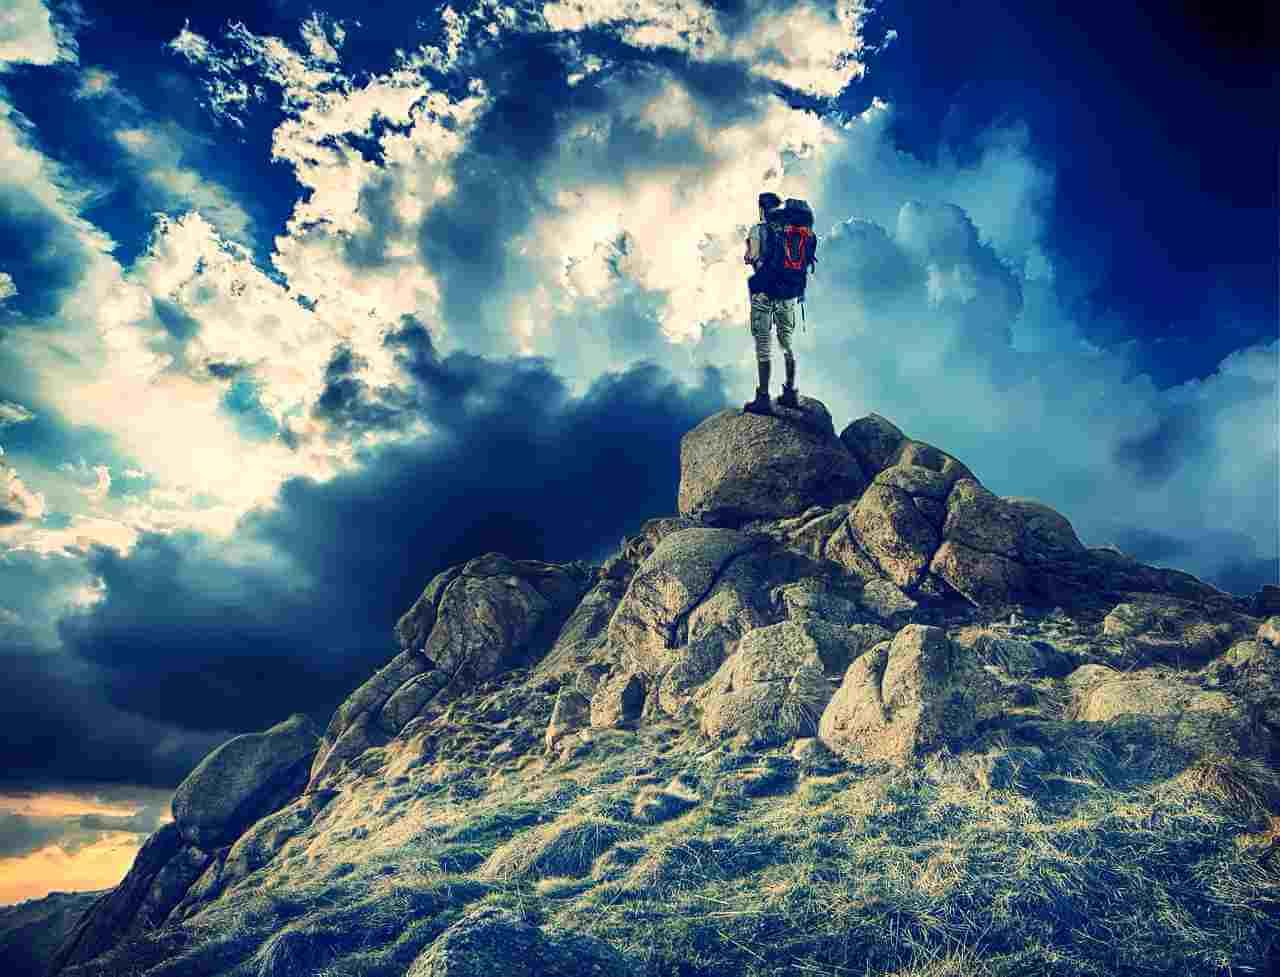 夢をかなえるために必要な3つのこと。目の前の小さなことに純粋に丁寧に向き合う姿勢の大切さ